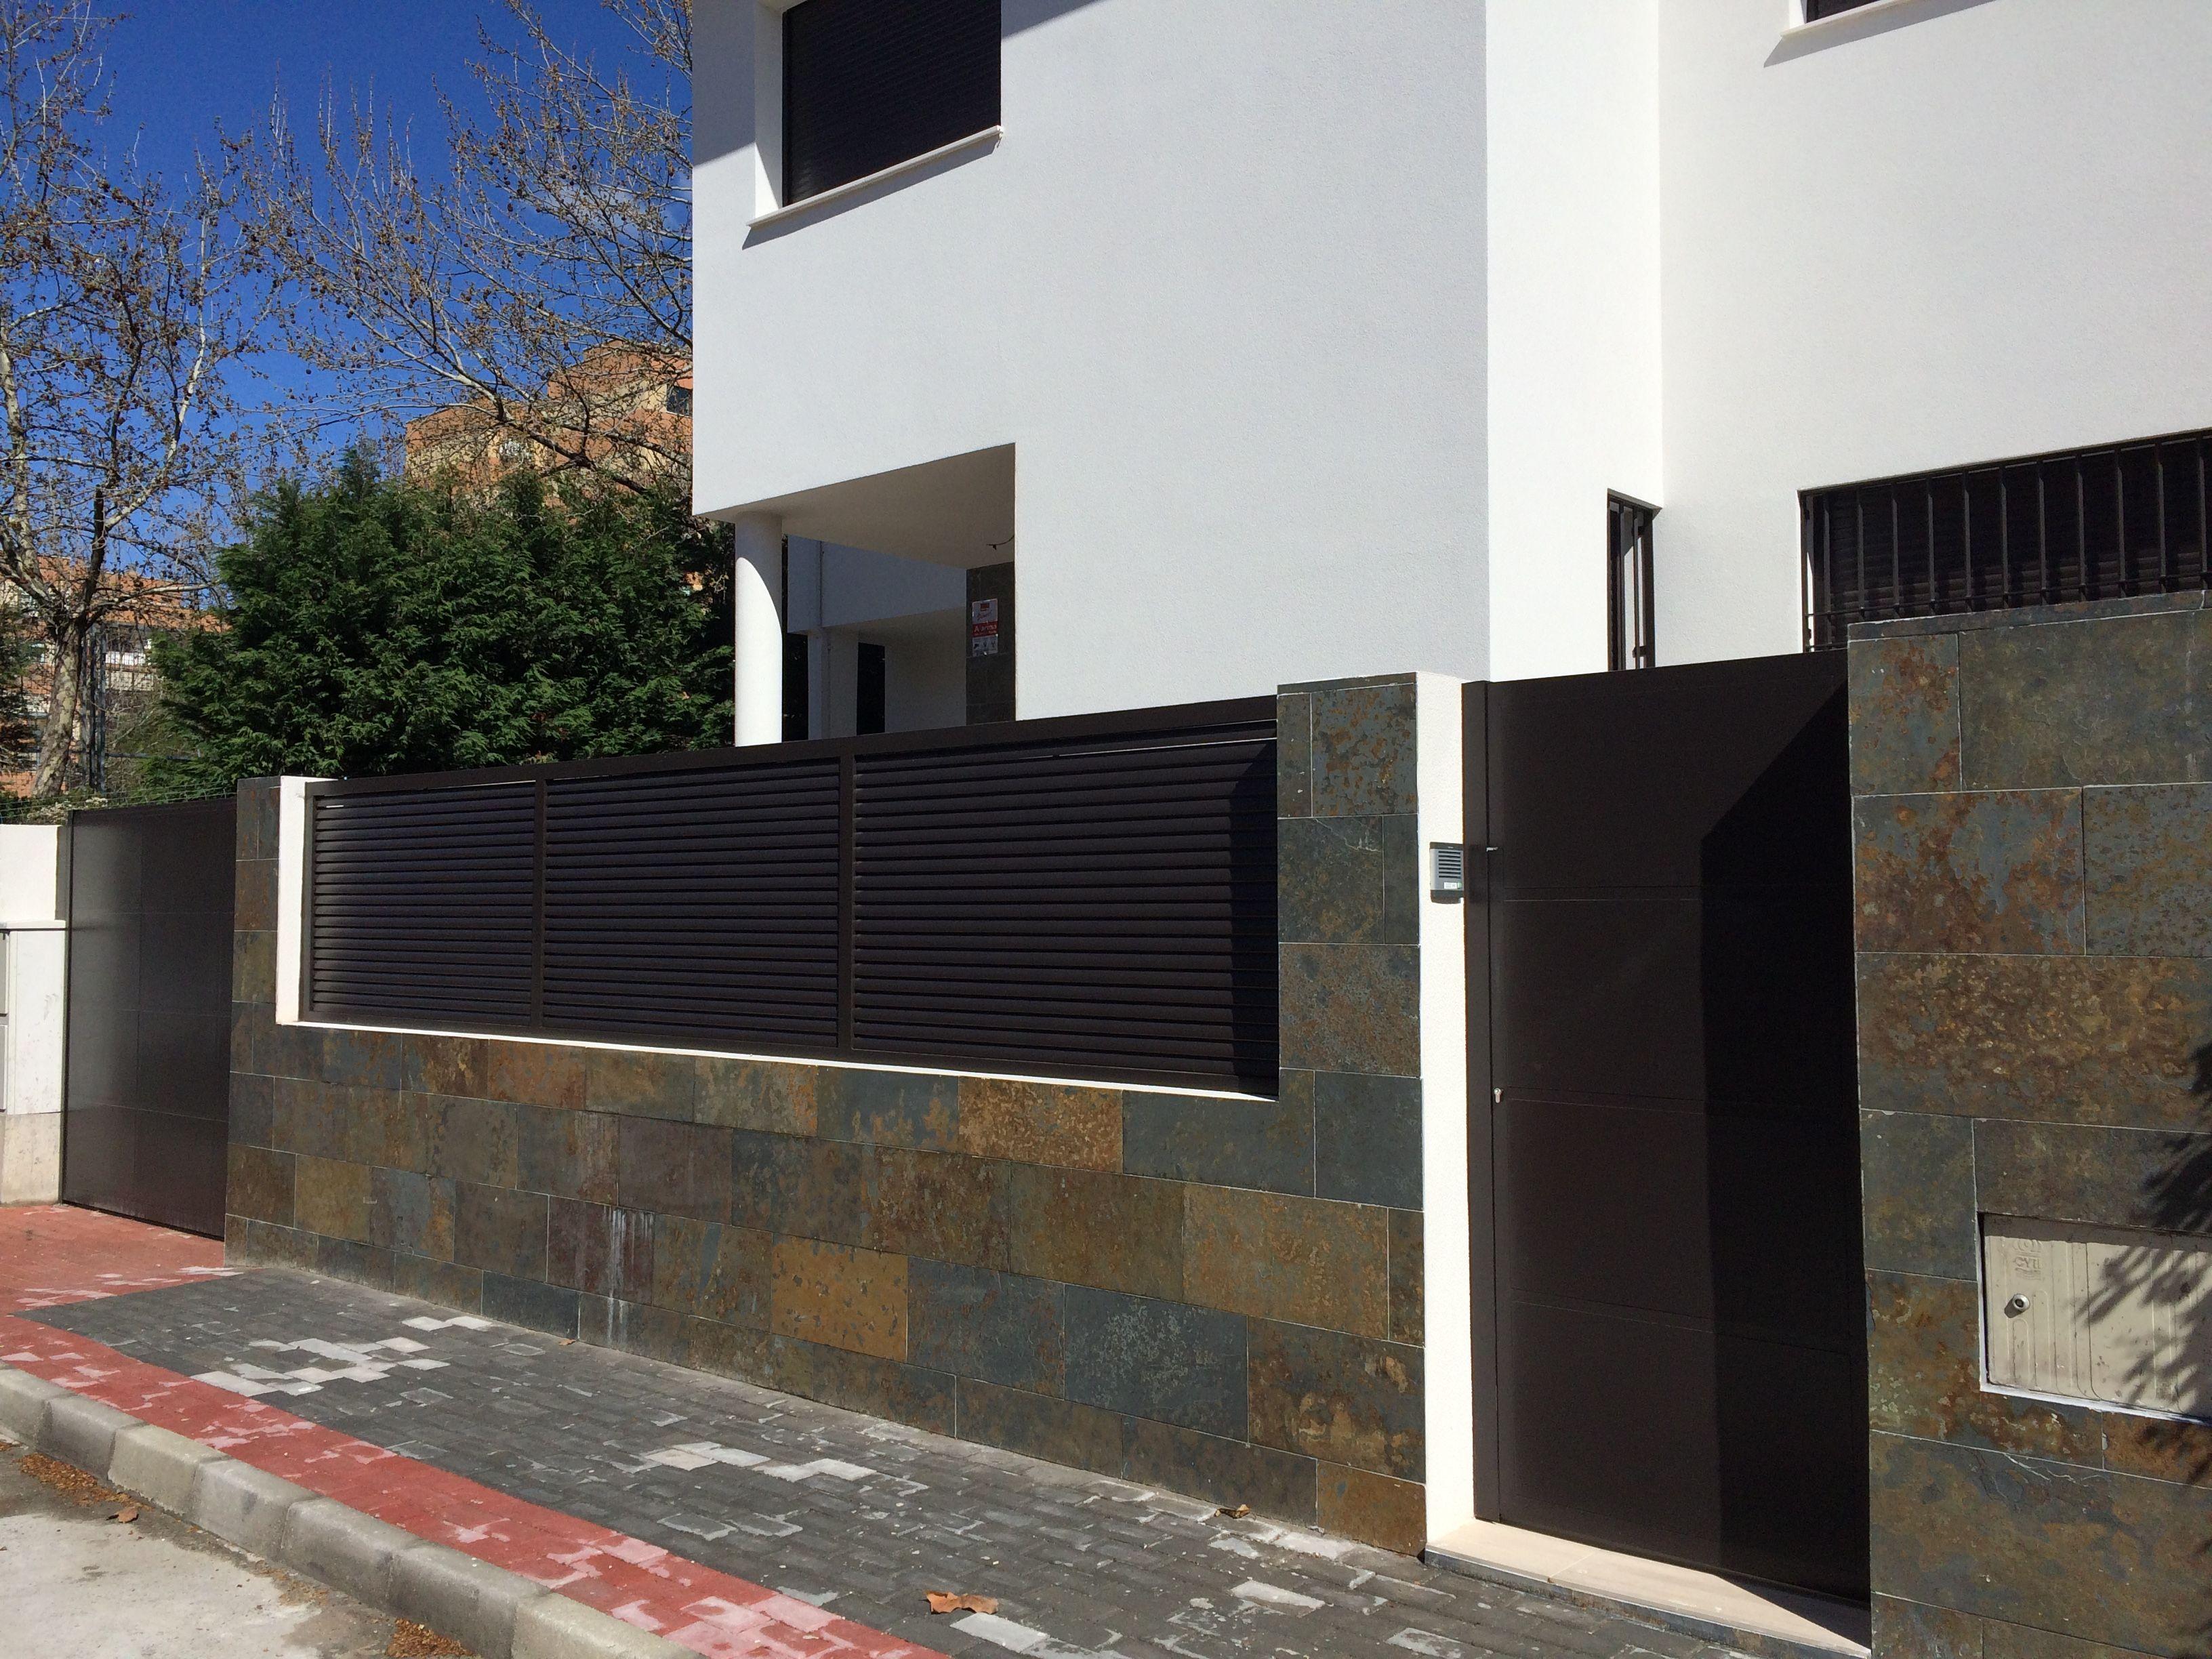 Valla exterior casa contempor nea cerrajer a unifamiliar - Cerramientos de fachadas ...